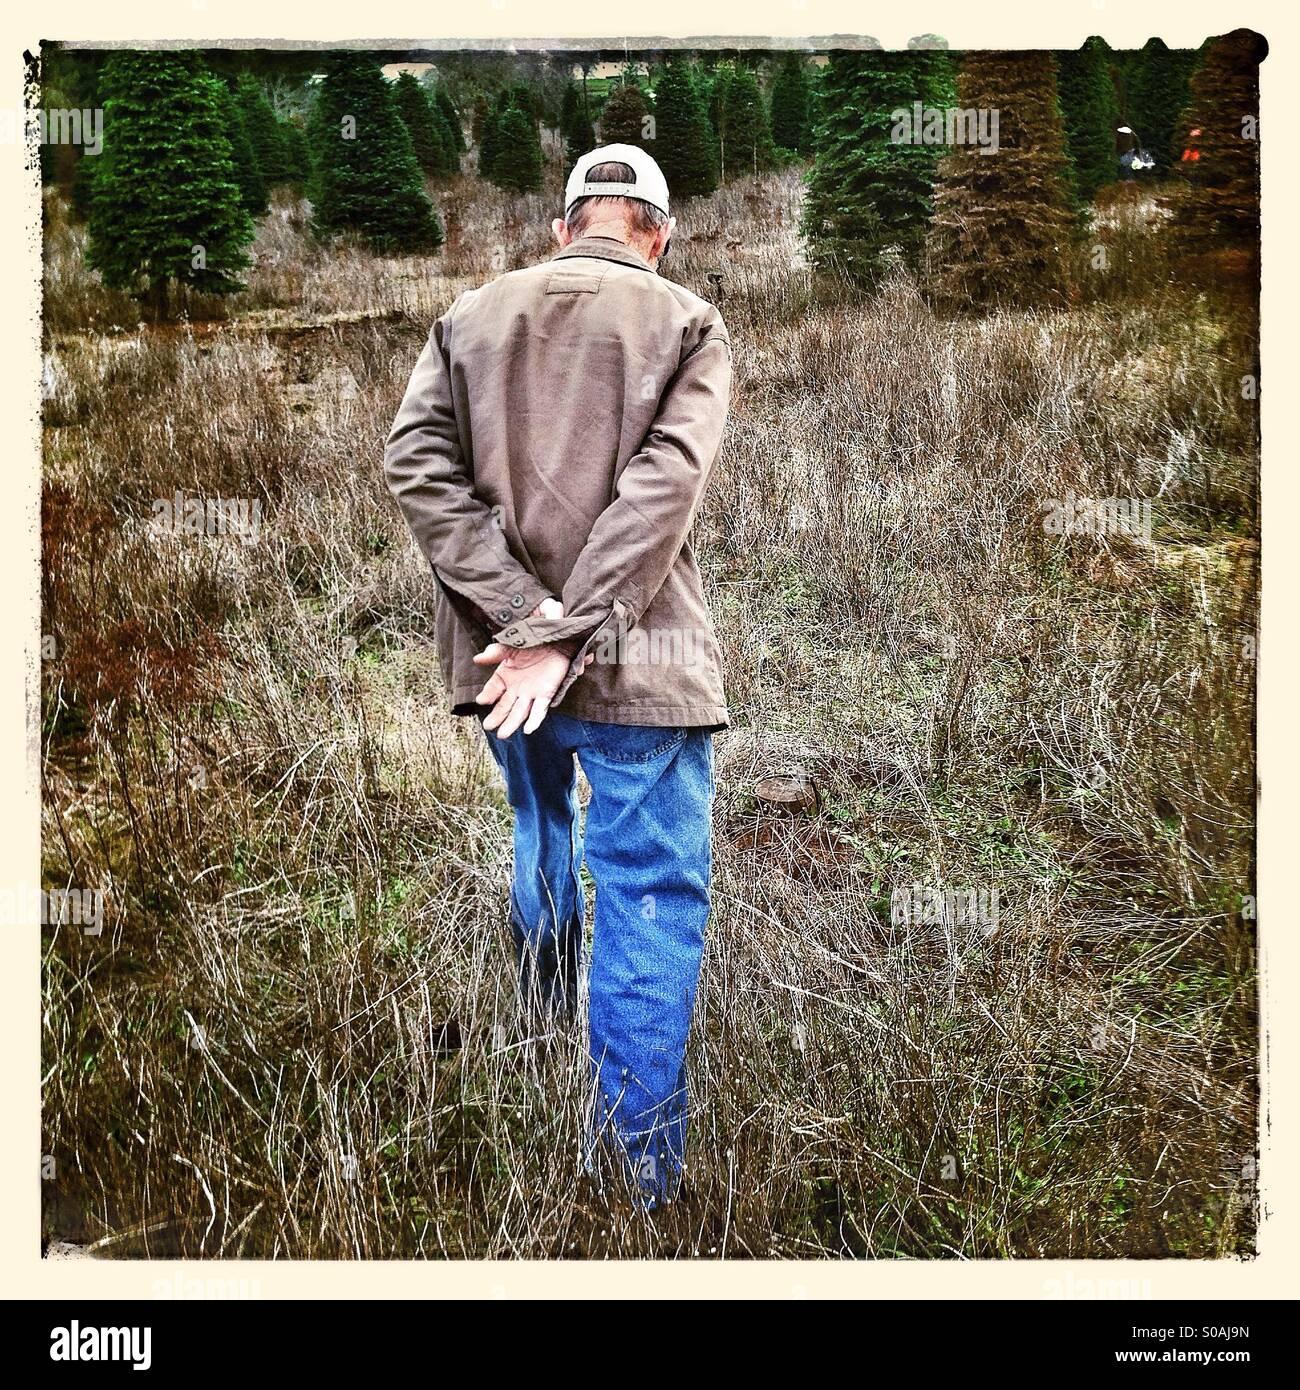 Old man walking away - Stock Image